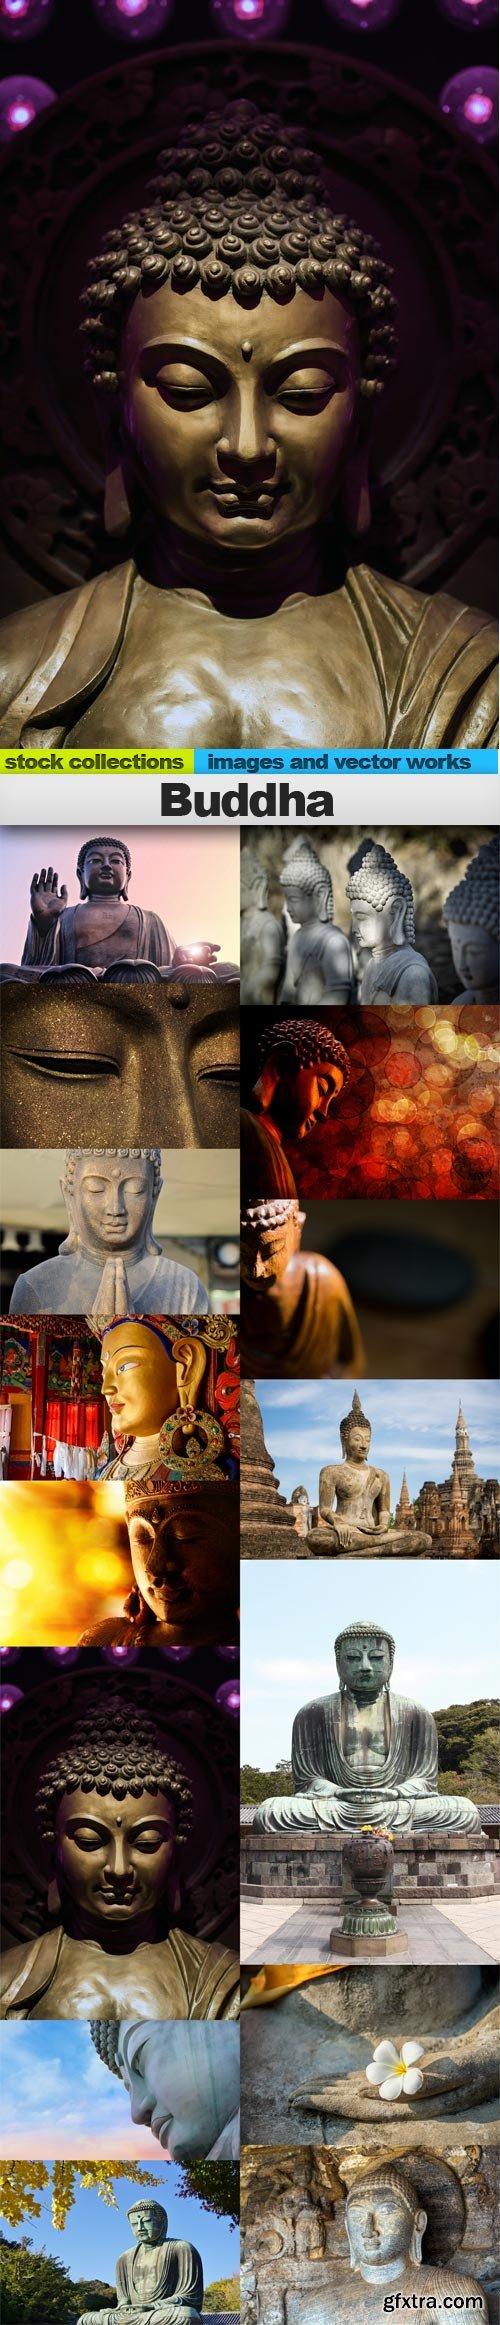 Buddha, 15 x UHQ JPEG